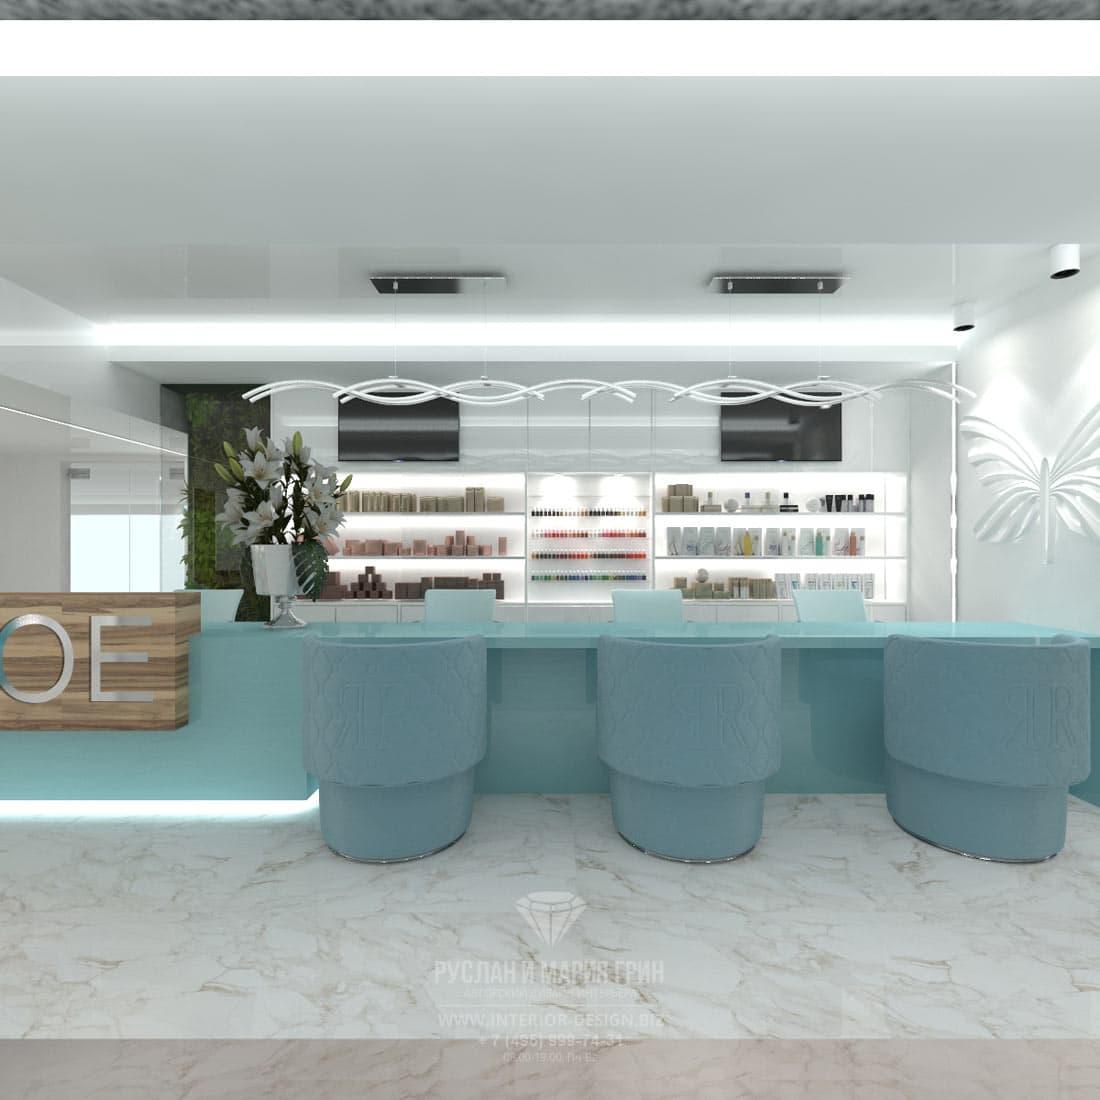 Дизайн интерьера современного салона красоты. Холл и зона ожидания